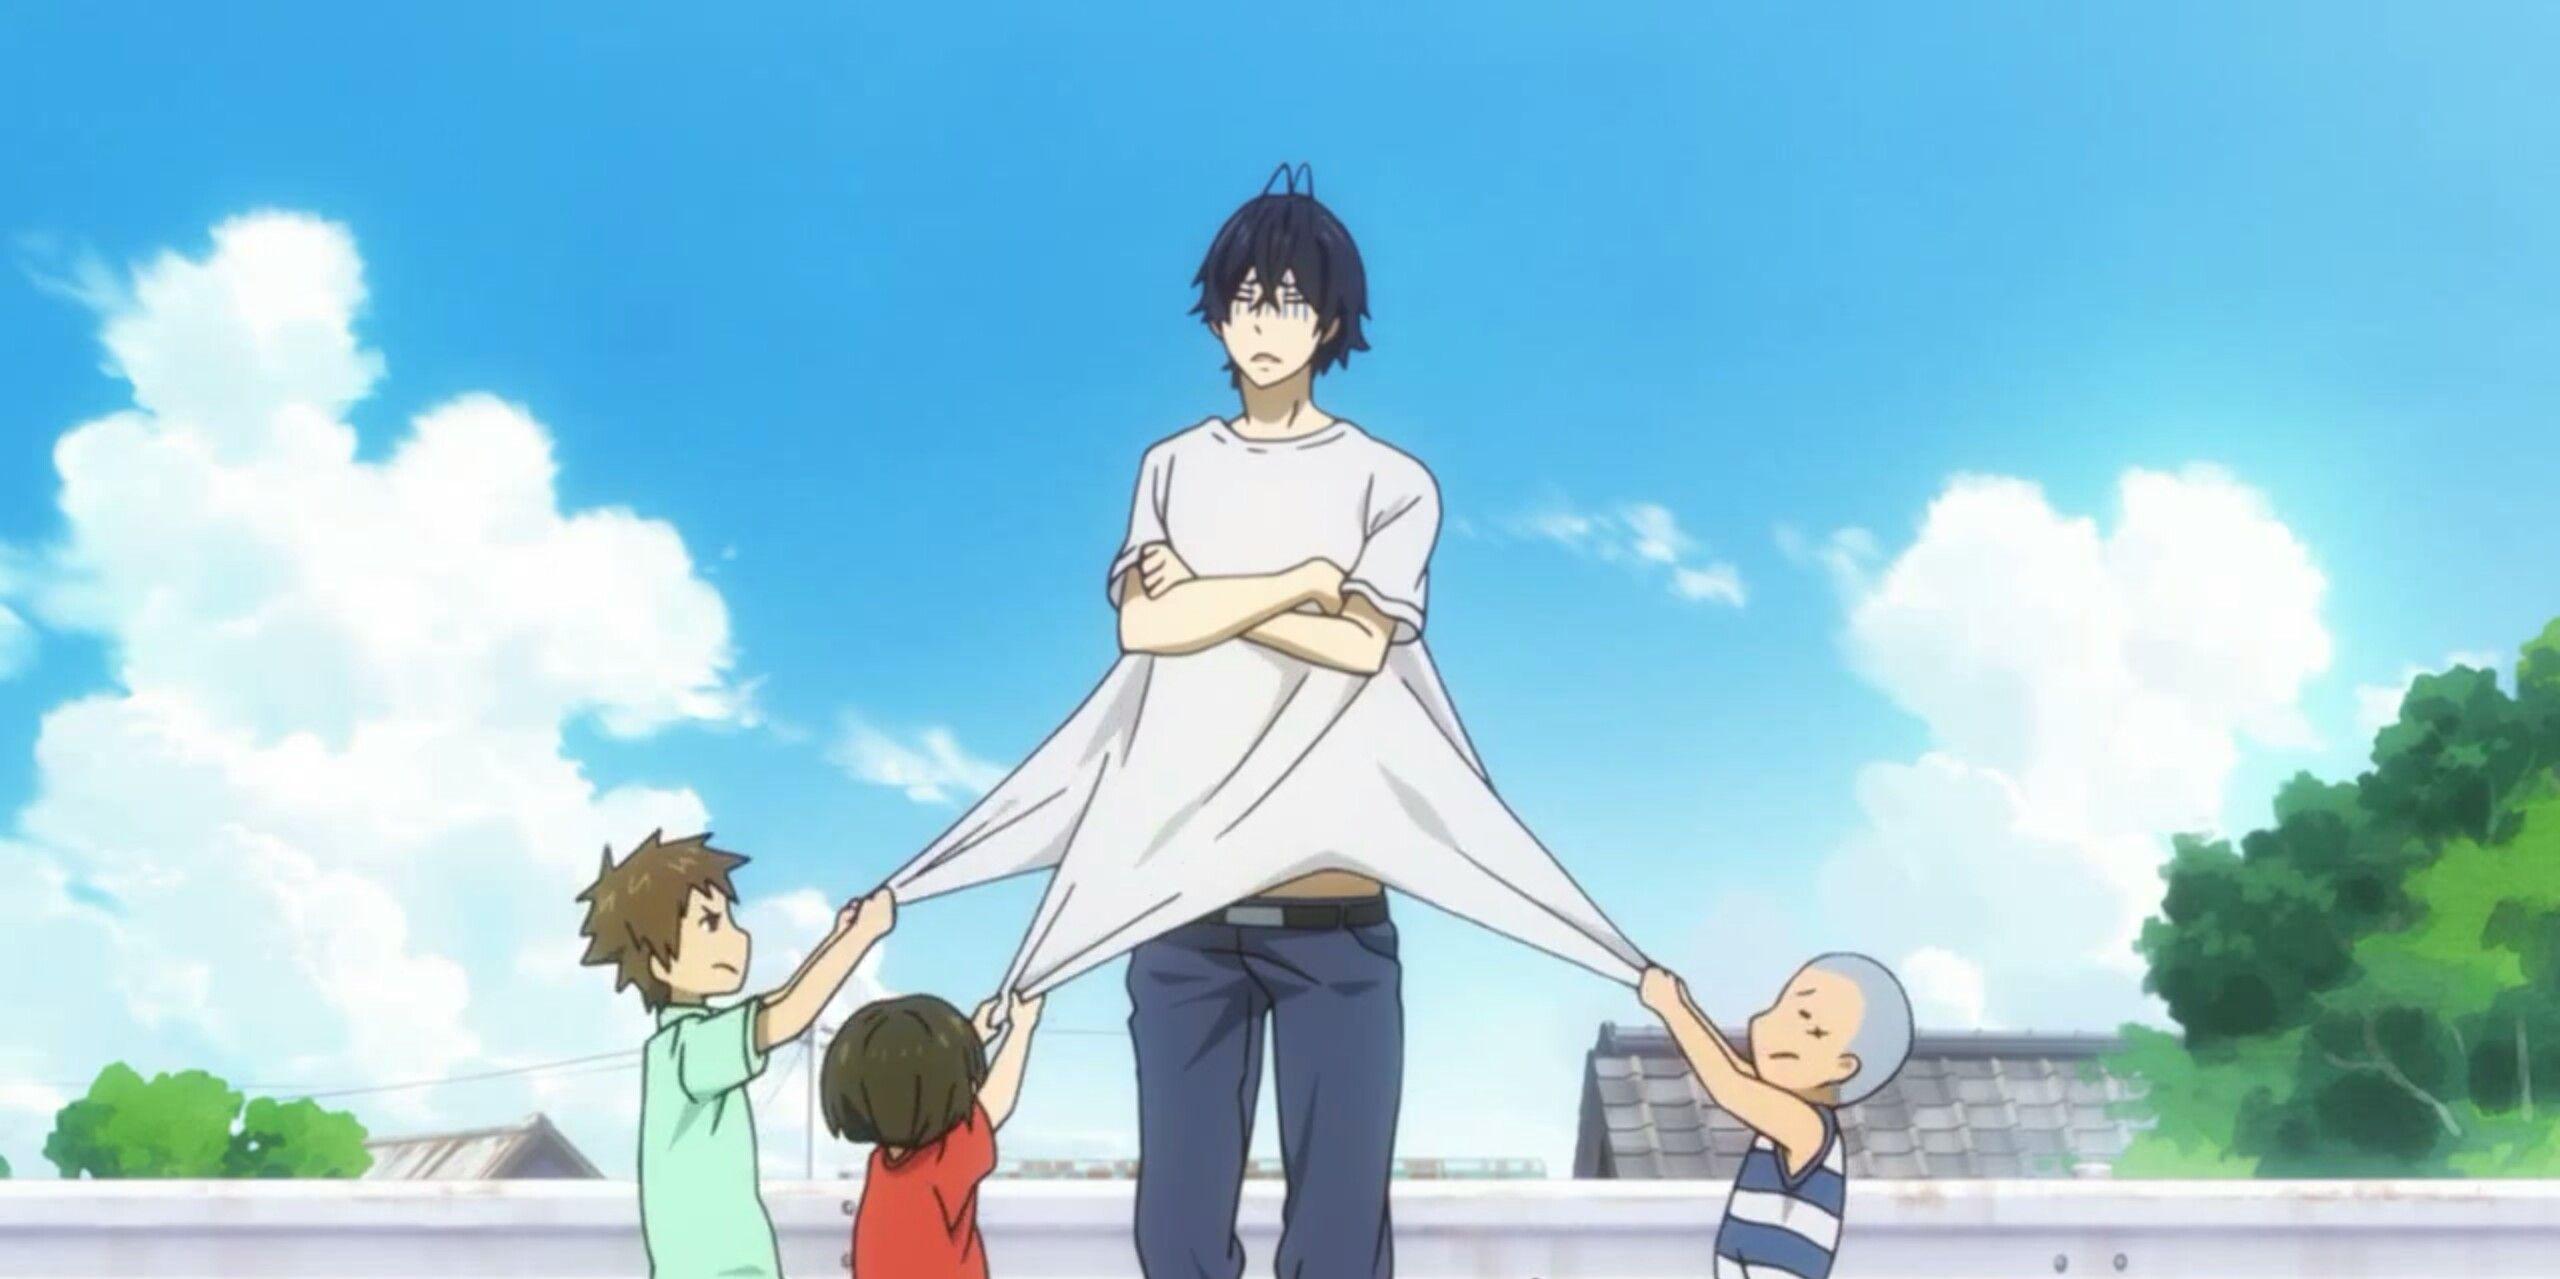 Pin by malak ali on BARAKAMON Anime, Barakamon, Anime images